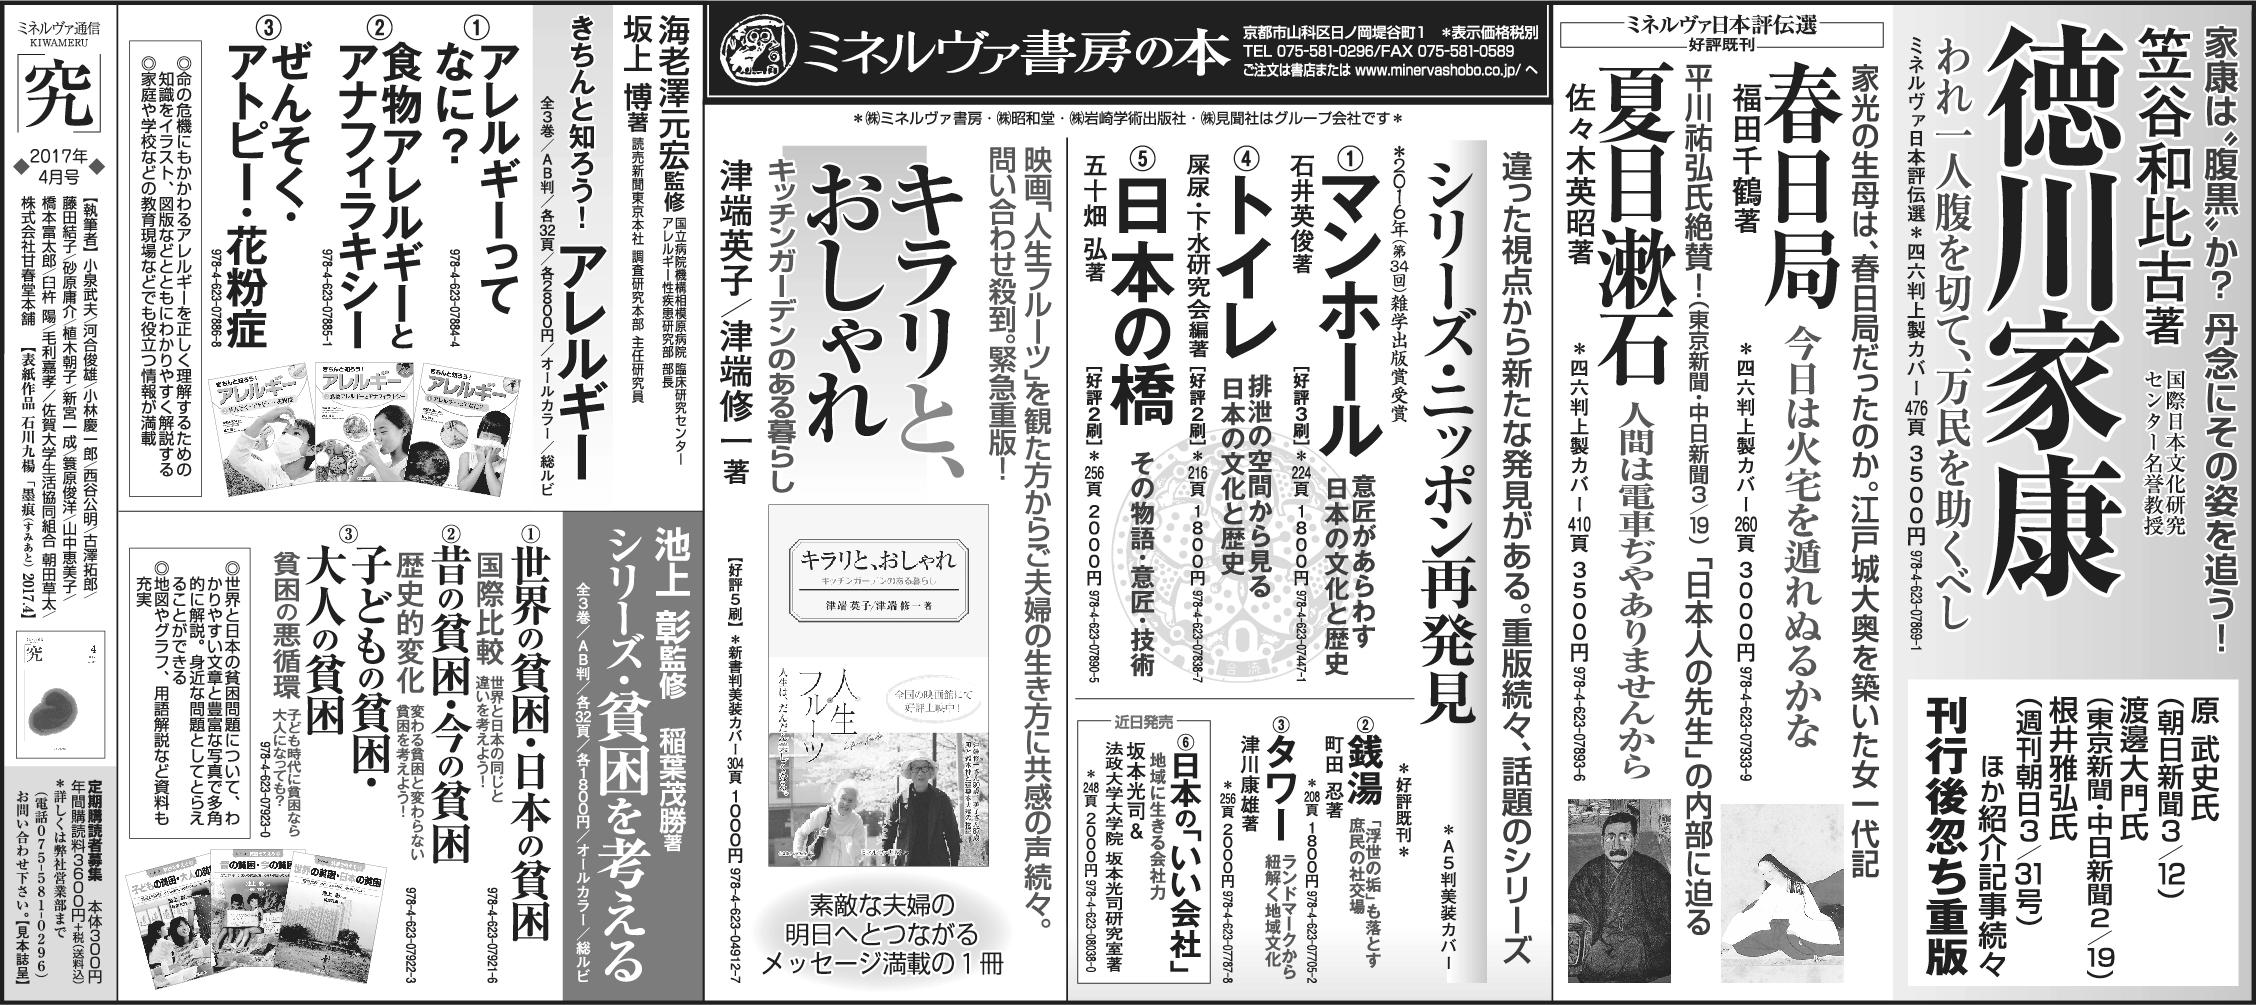 朝日新聞2017年4月9日(読書面)全5段広告